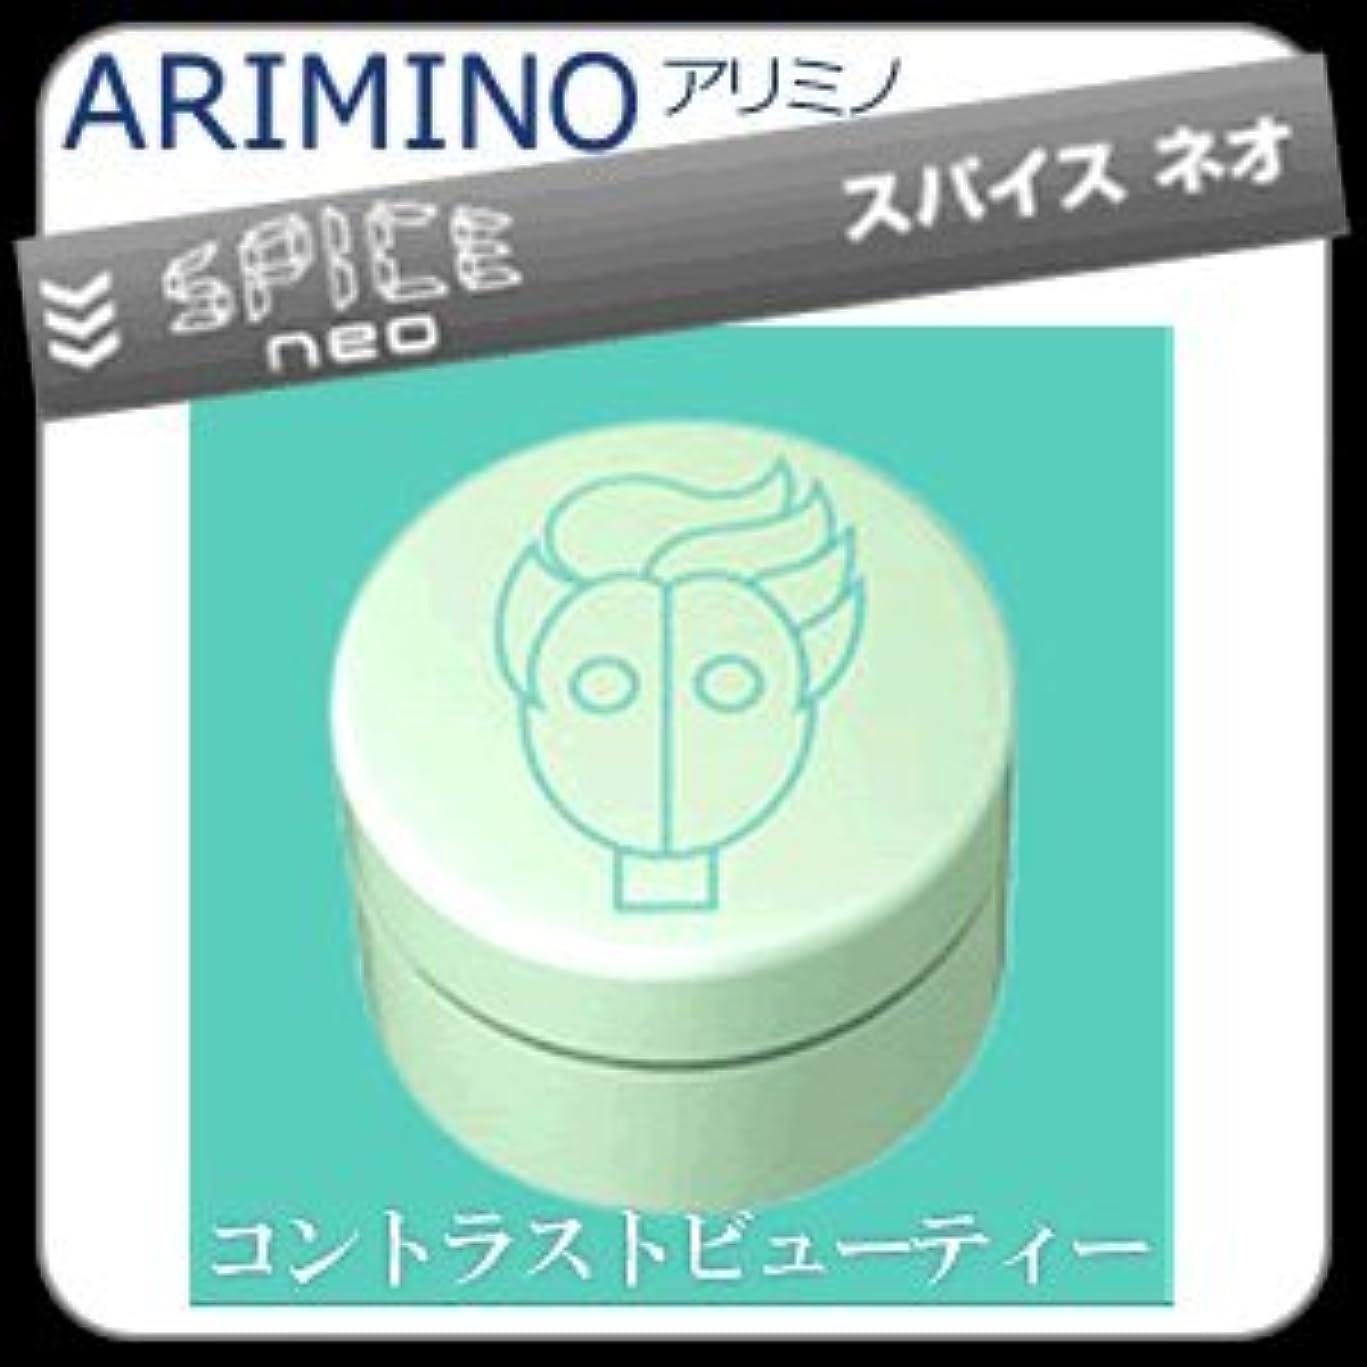 肌寒い優遇ブレーク【X5個セット】 アリミノ スパイスネオ GREASE-WAX グリースワックス 100g ARIMINO SPICE neo